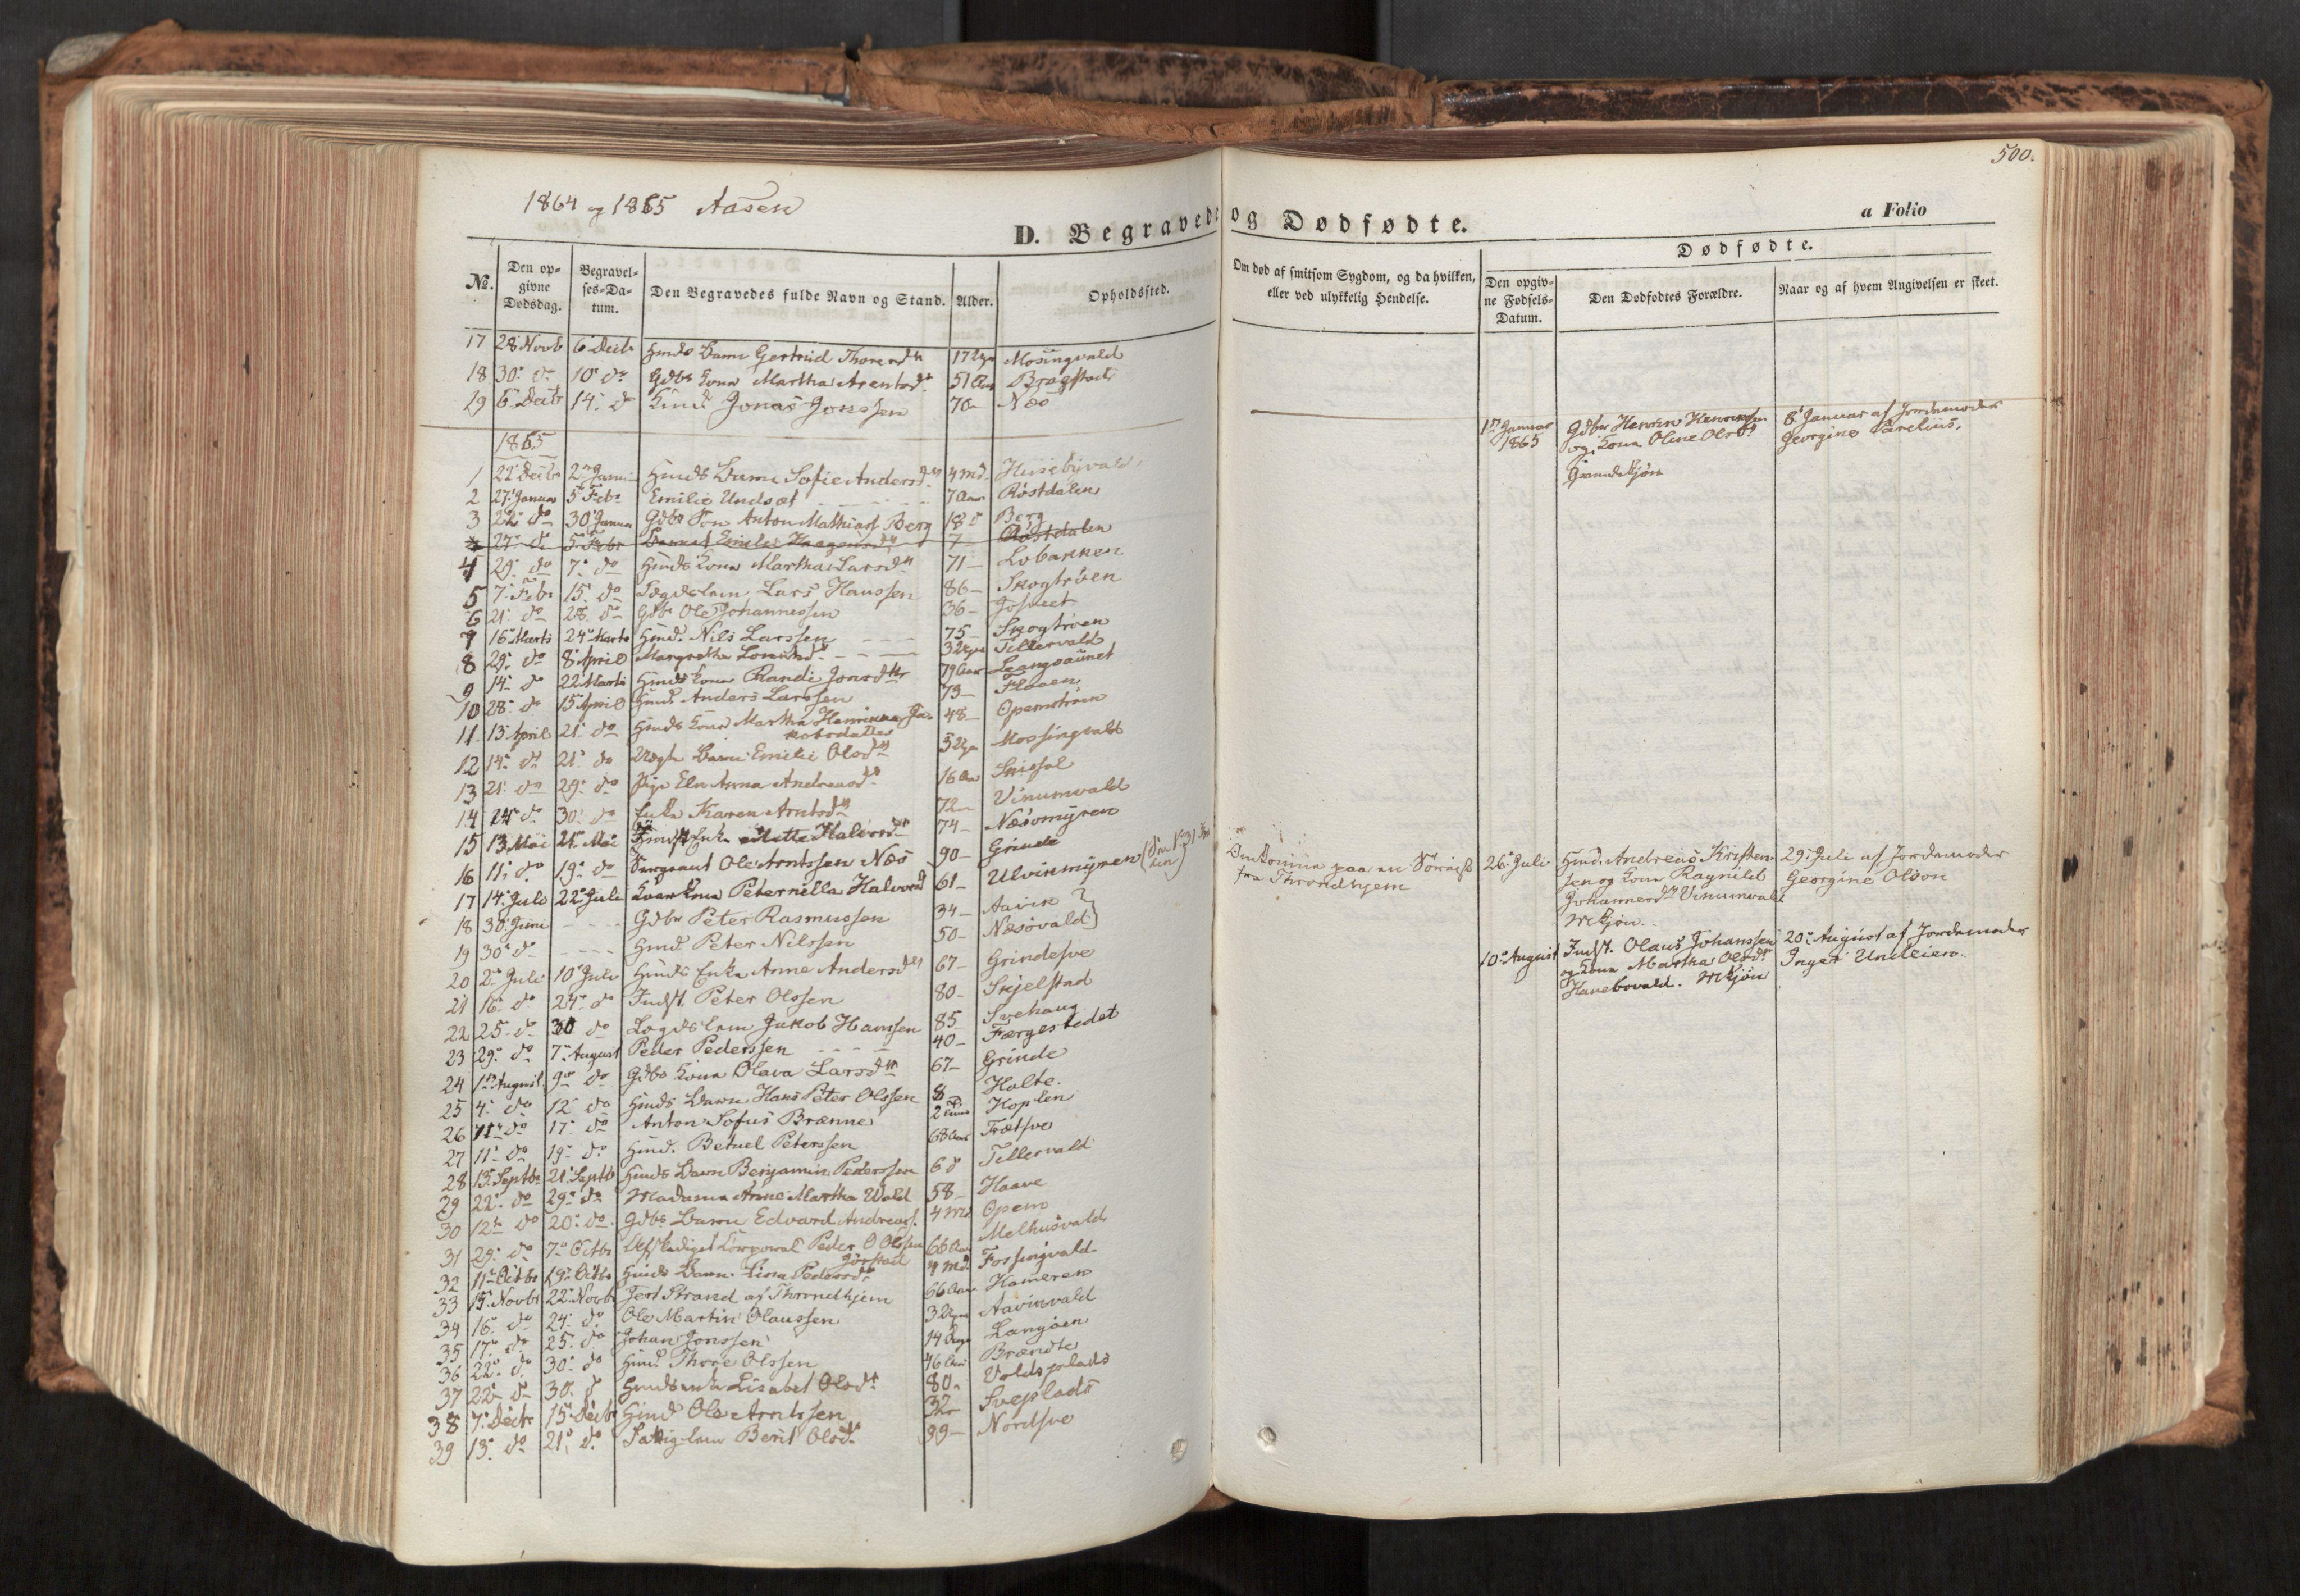 SAT, Ministerialprotokoller, klokkerbøker og fødselsregistre - Nord-Trøndelag, 713/L0116: Ministerialbok nr. 713A07, 1850-1877, s. 500